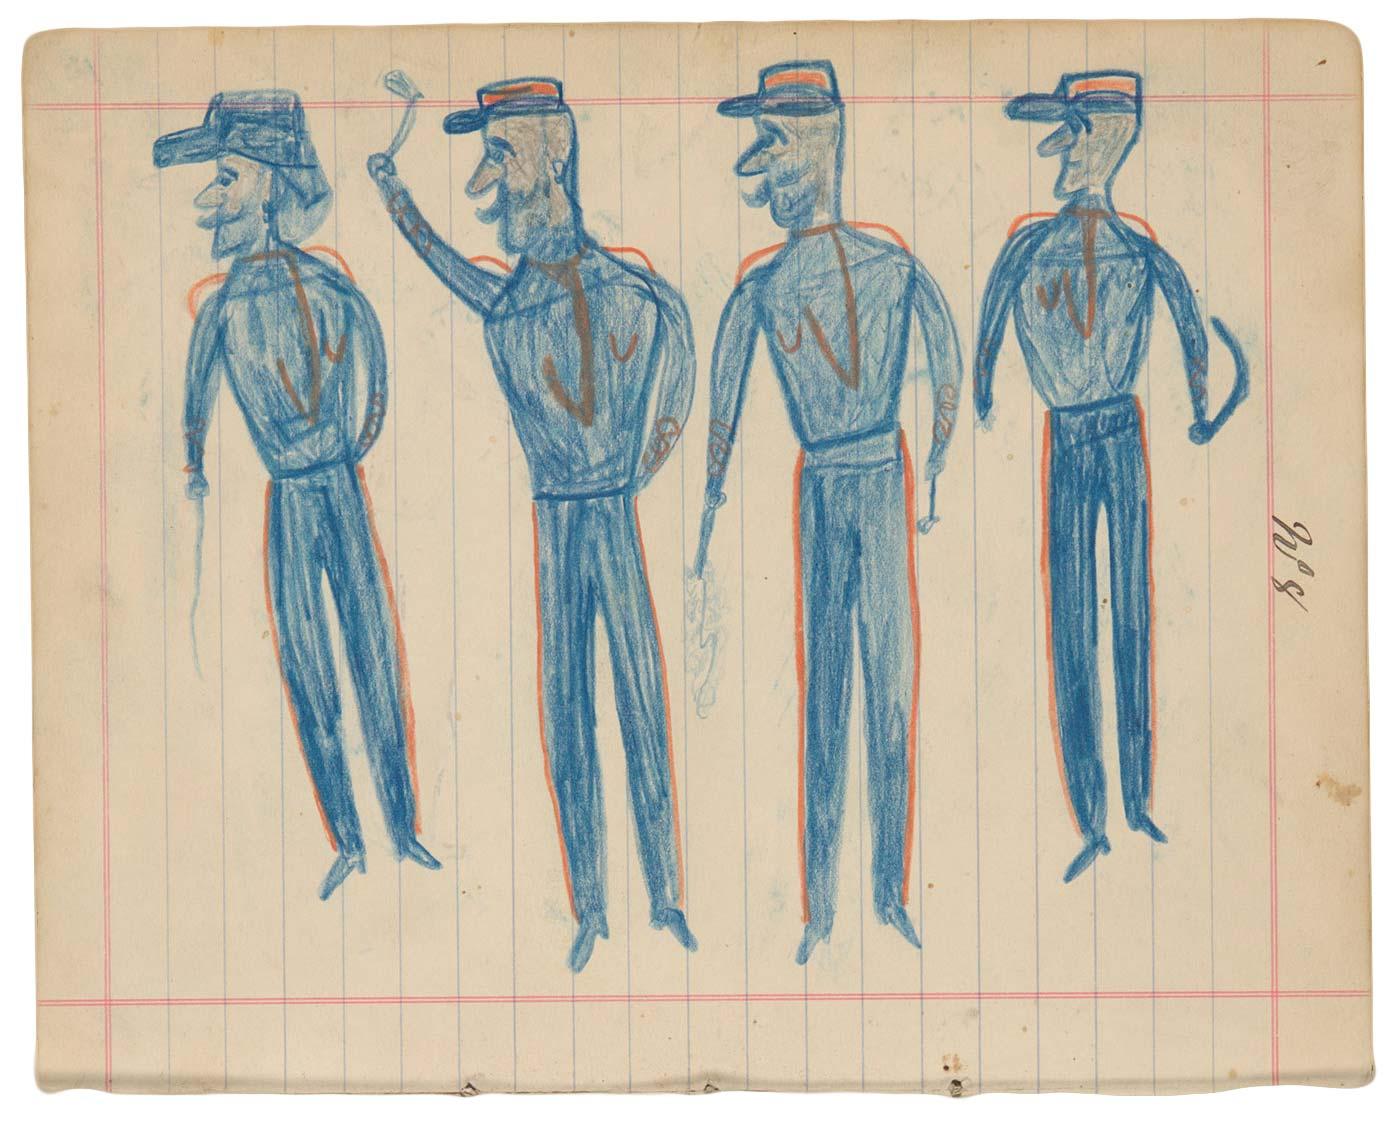 Sketchbook drawings of four blue figures wearing hats